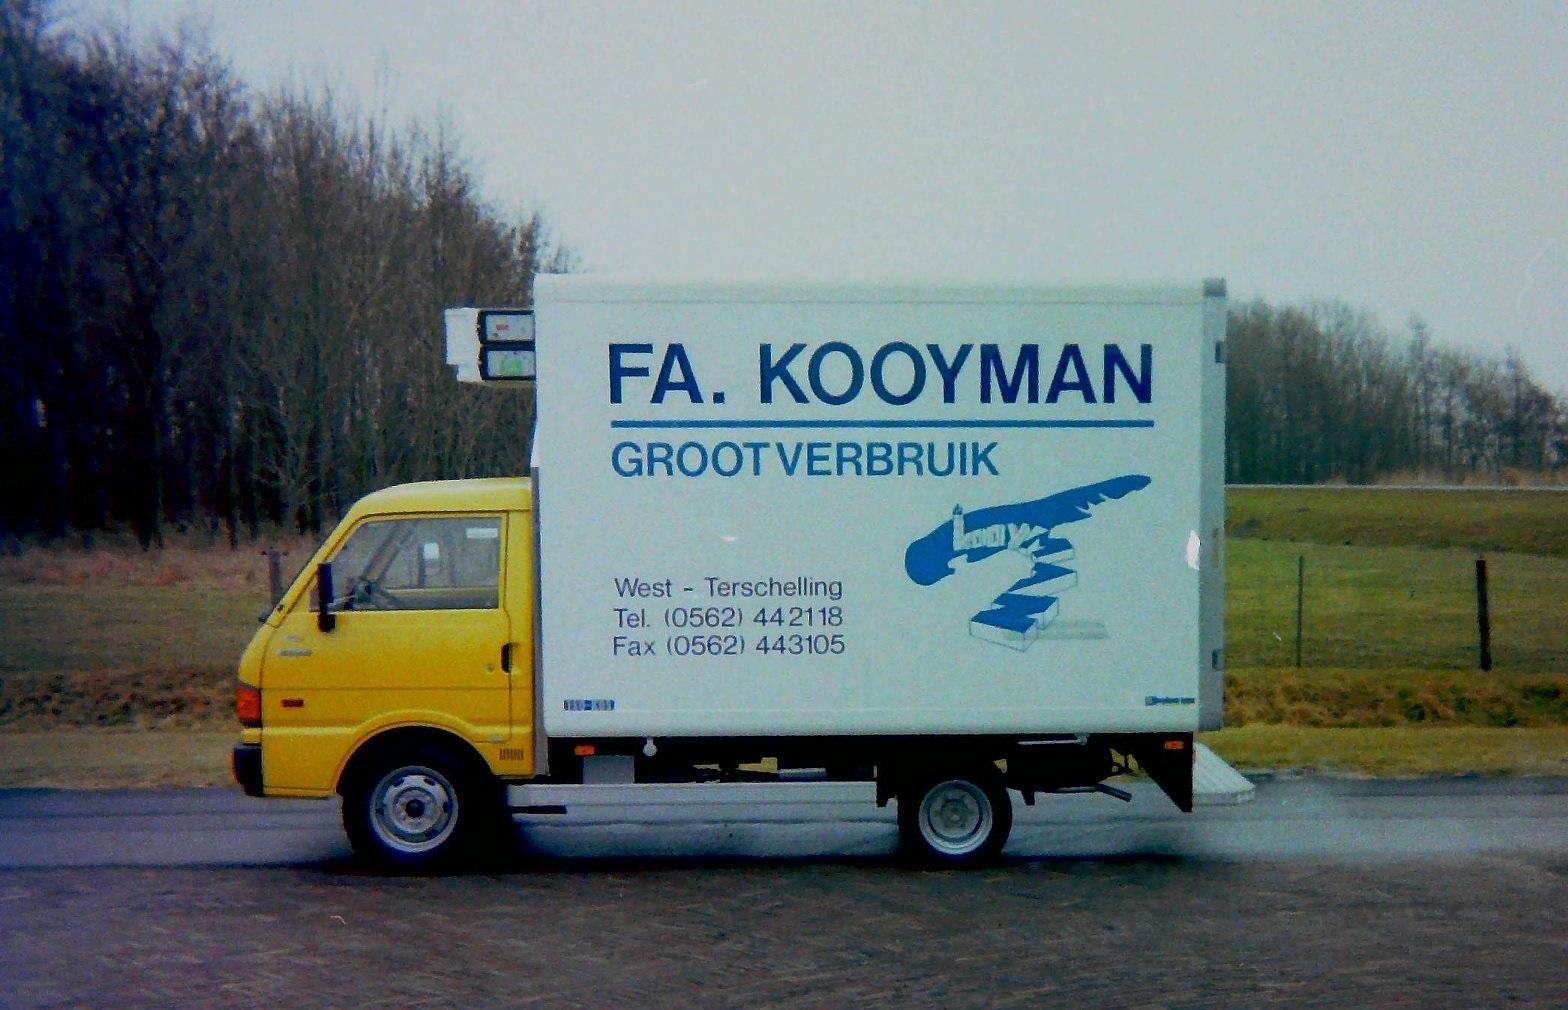 Auto-van-FA-Kooyman-van-West-Terschelling-gebouwd-door-Rondaan-Carrosserie-en-Wagenbouw-2